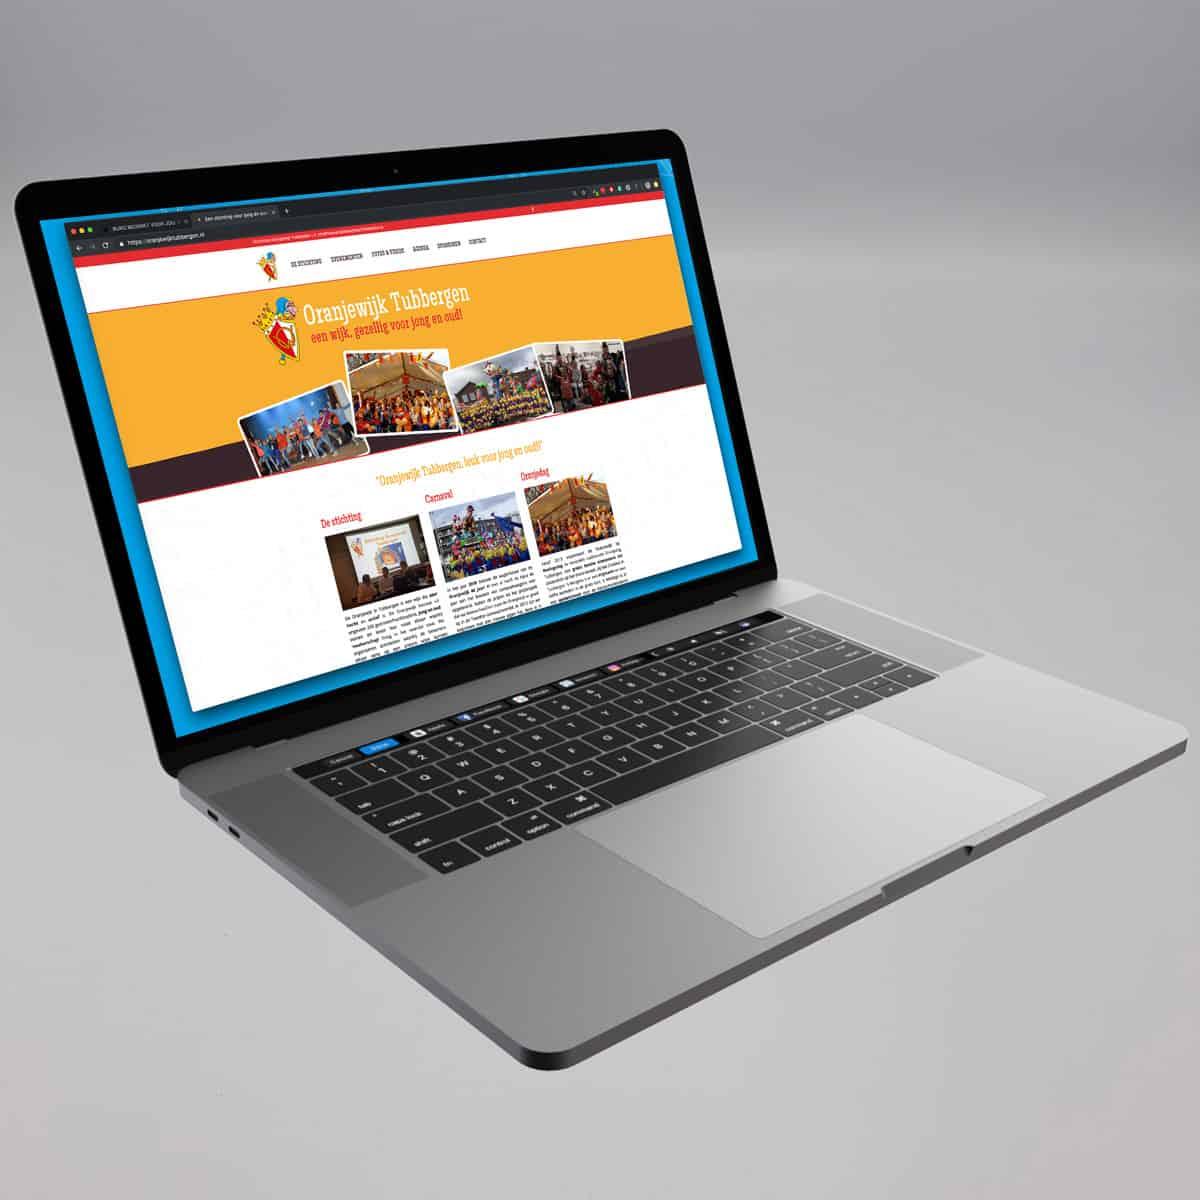 oranjewijk-tubbergen-burobedenkt-website